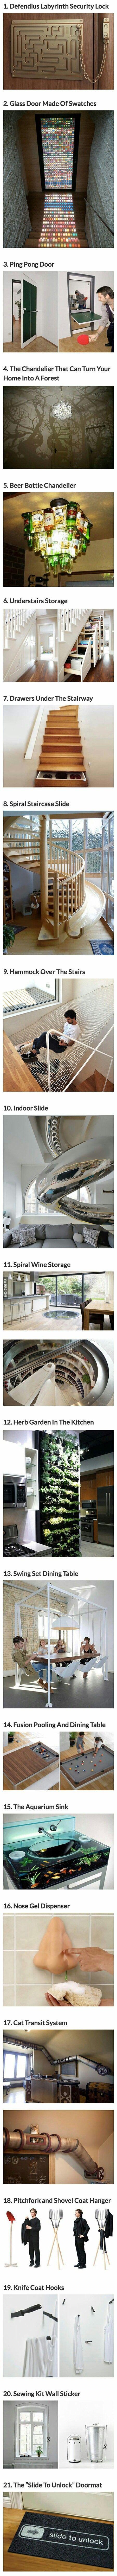 Home Aquarium Ideas: The Aquarium Buyers Guide Live the aquarium sink and swing set dining table!!!